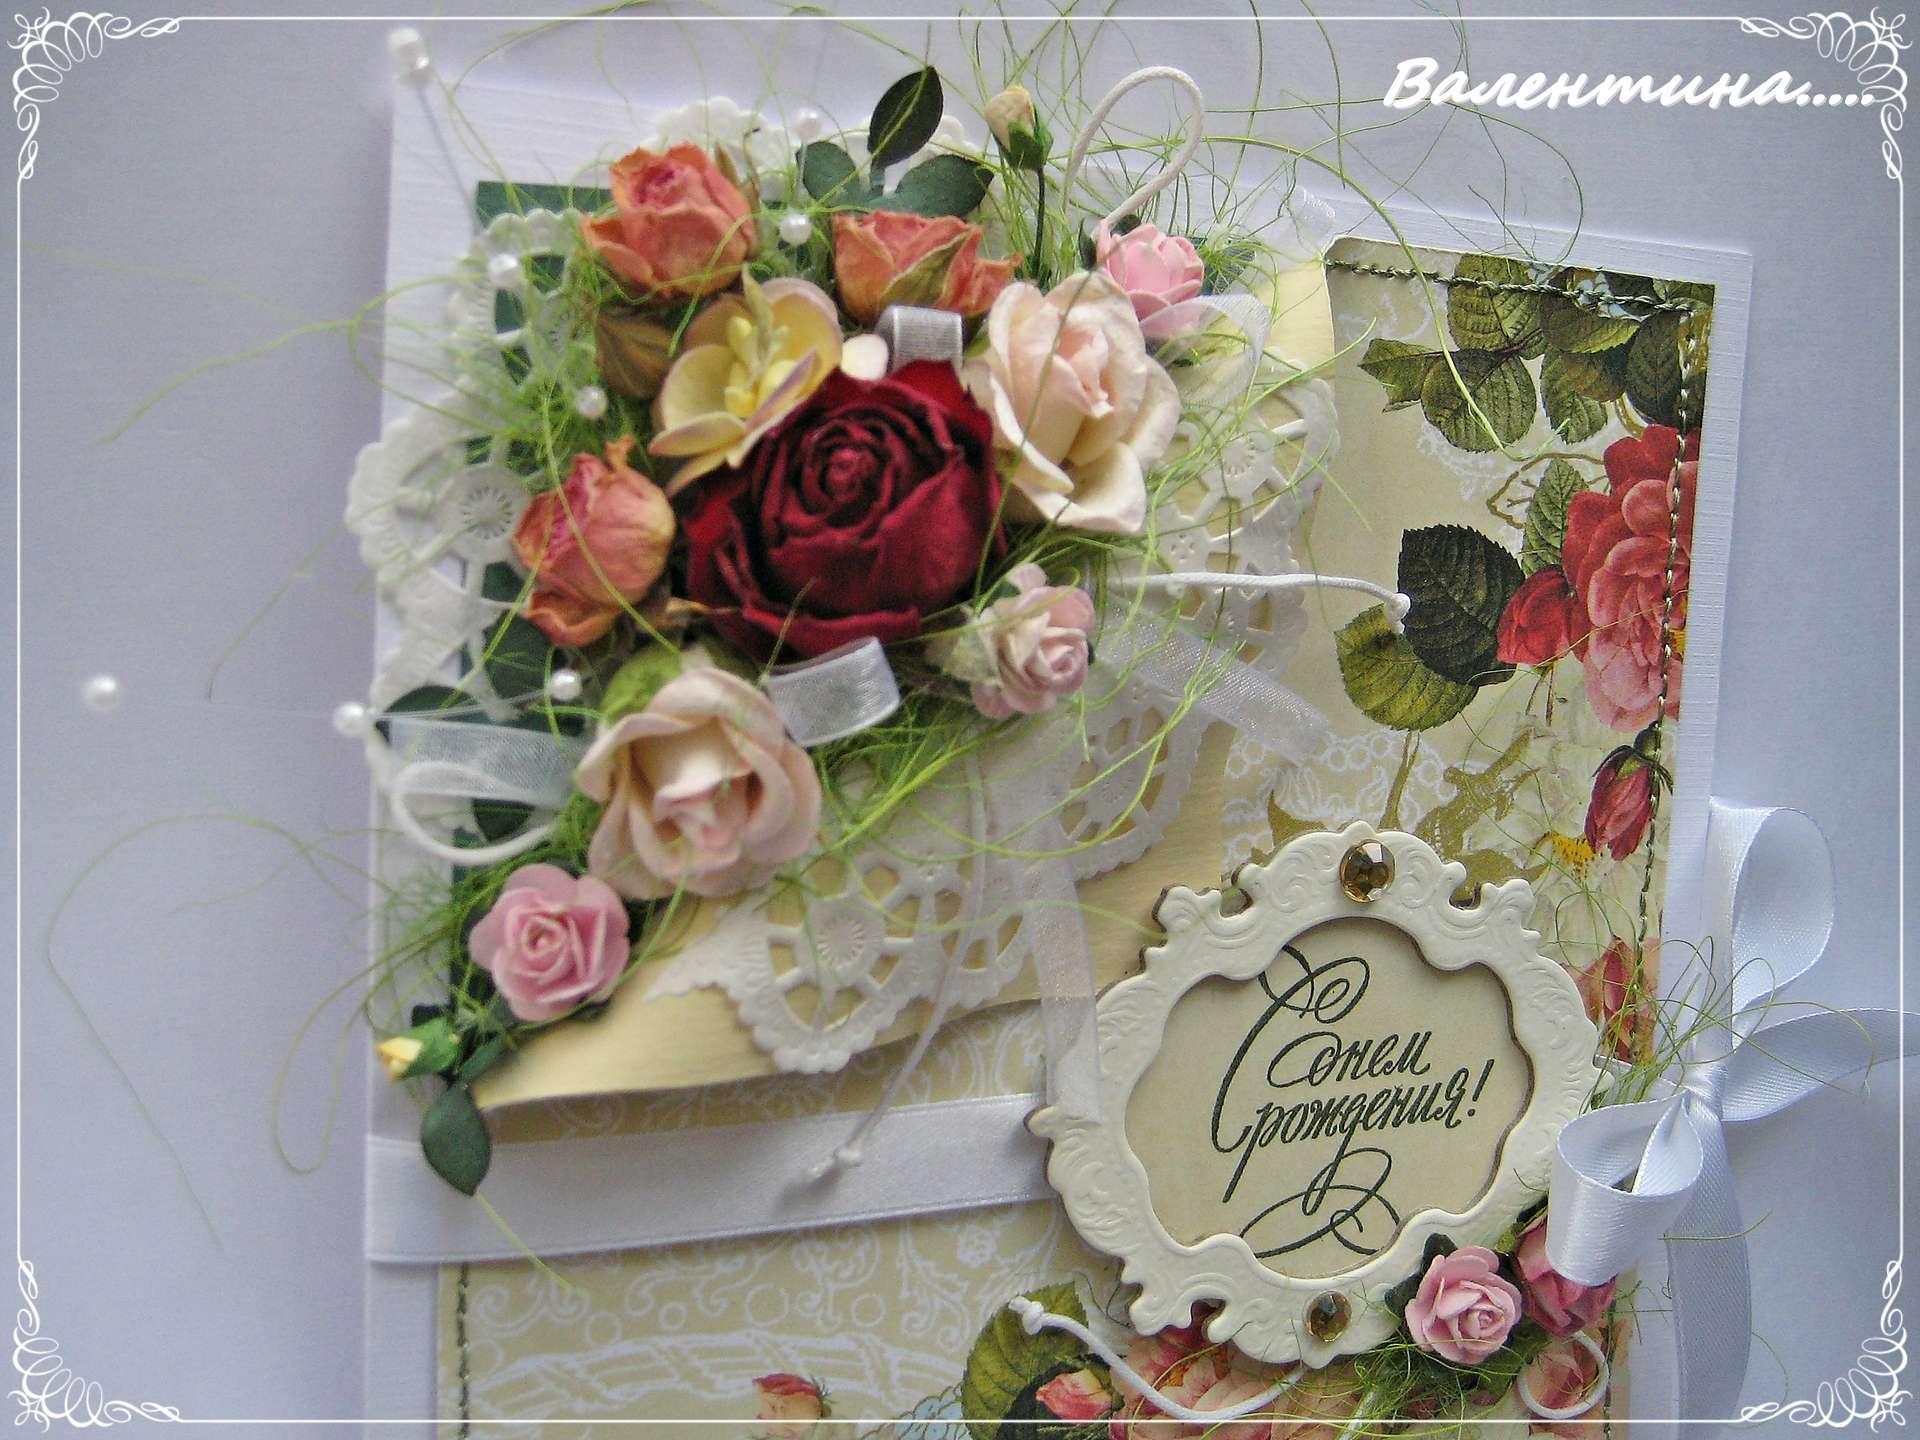 Открытки скрапбукинг с днем рождения простые и вкусные рецепты фото, для открыток ручной